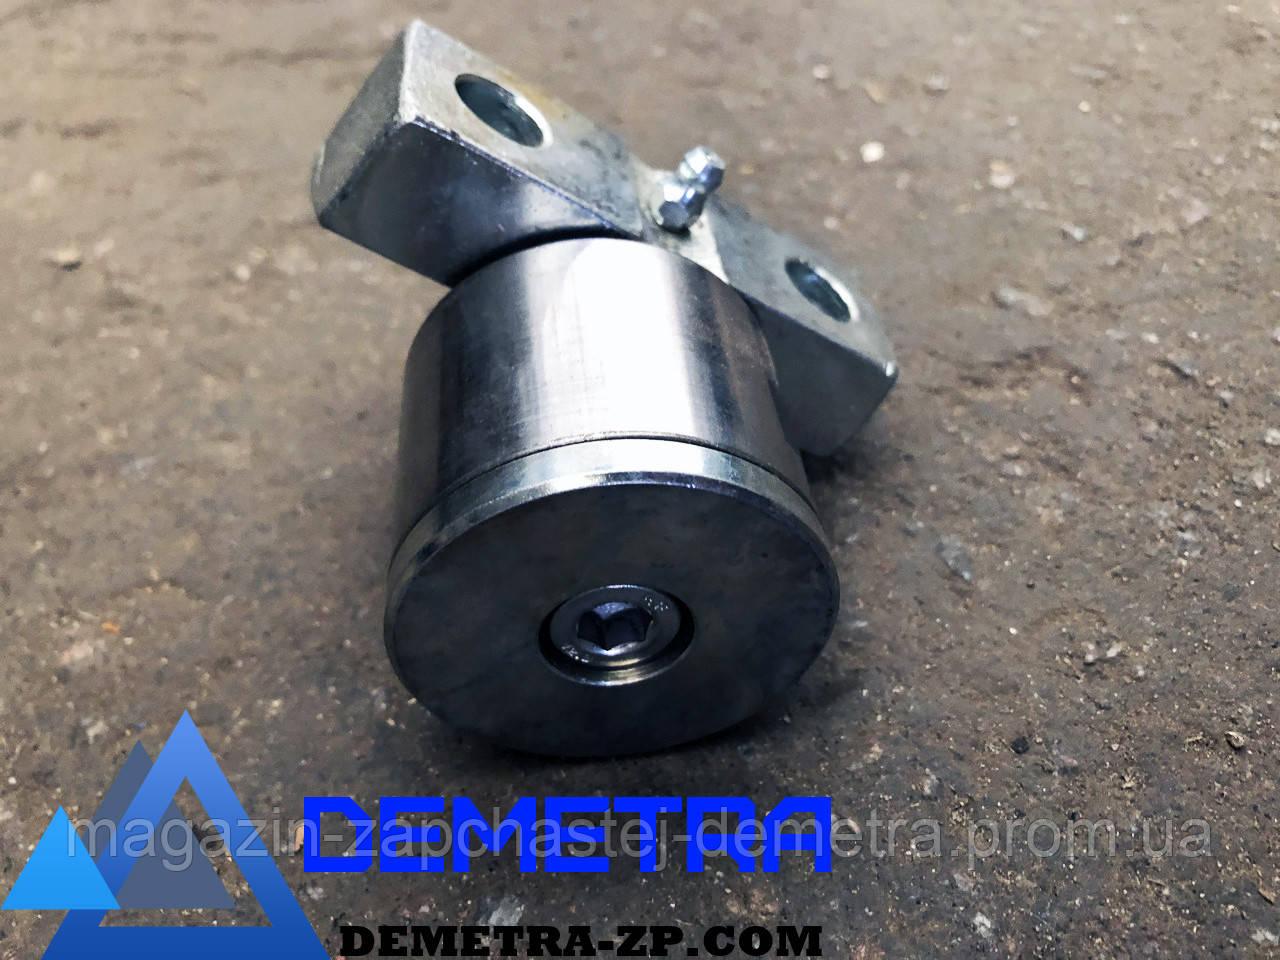 Головка привода ножа ШУМАХЕР d= 27 мм с фторопластовым кольцом 02601.09 (14230)